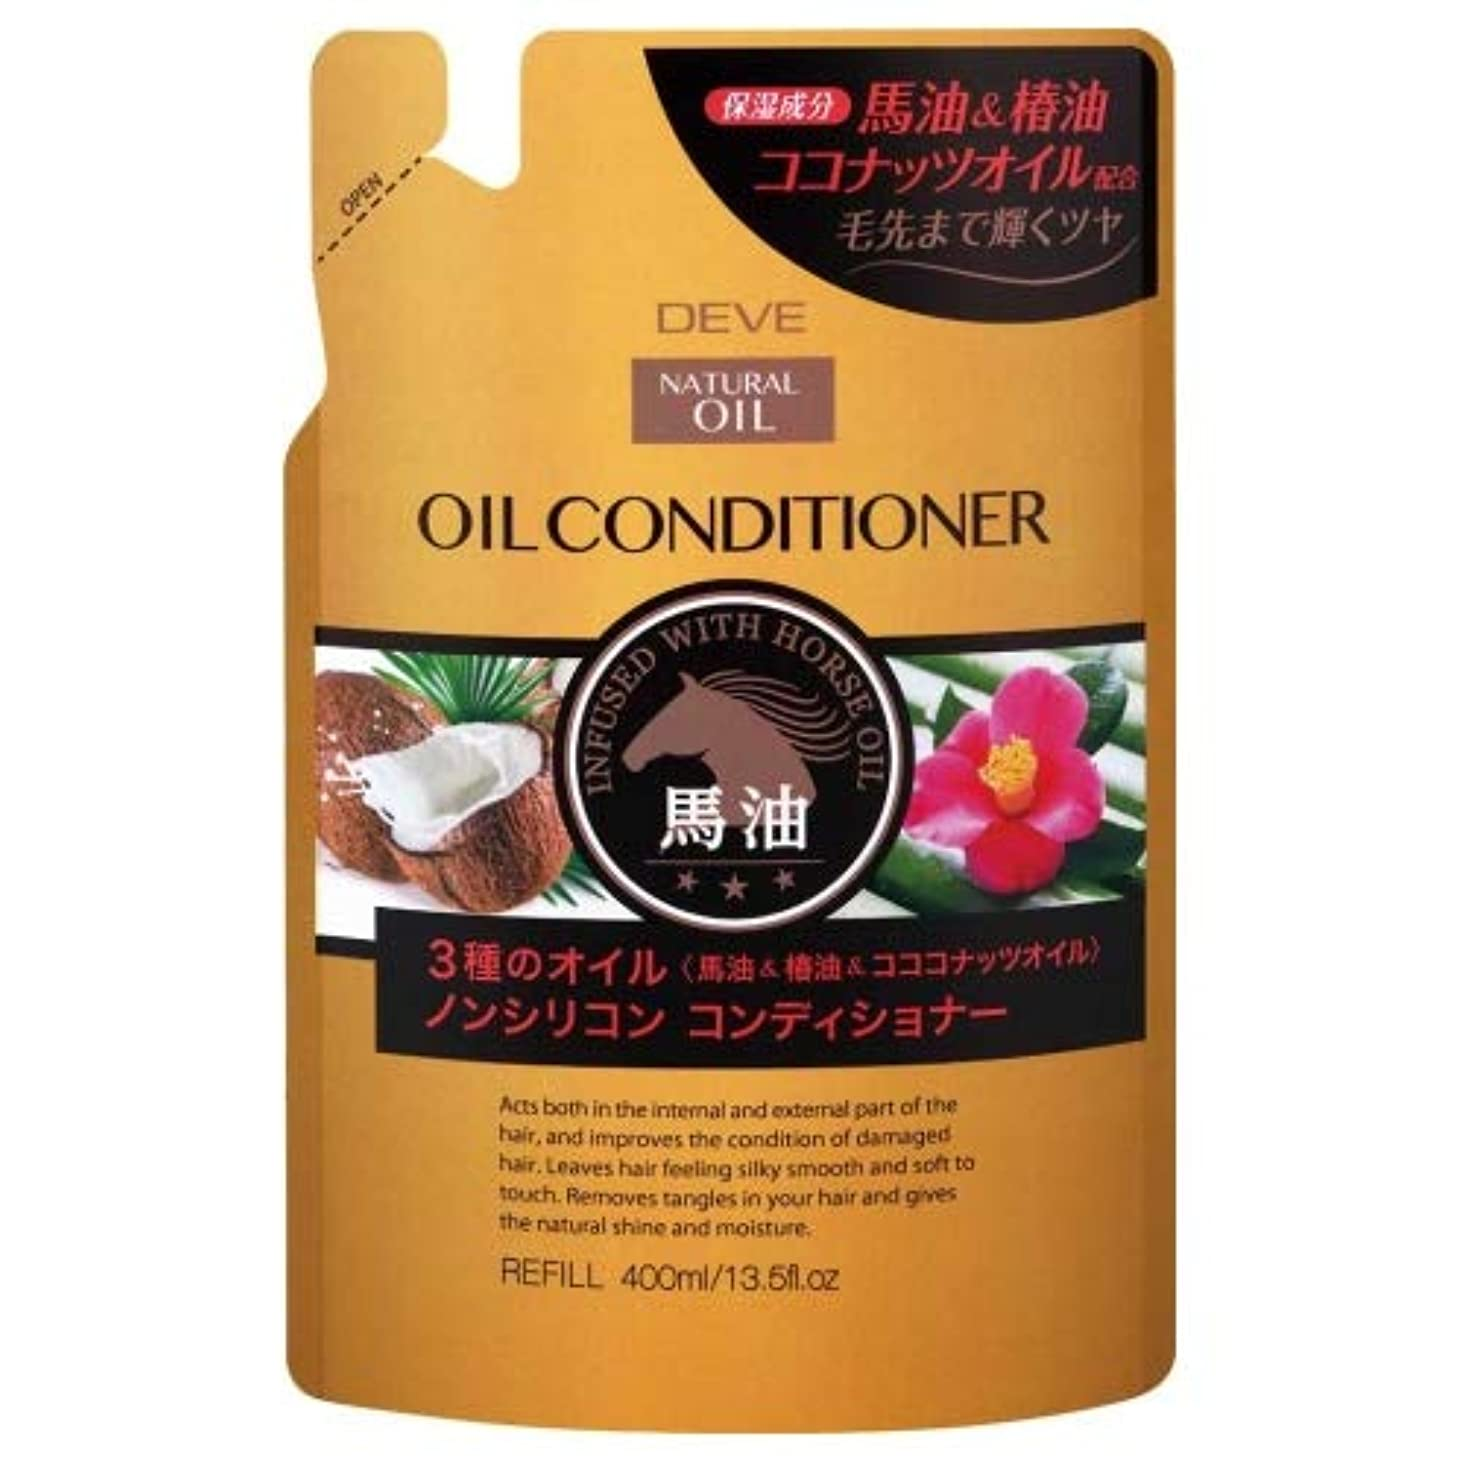 前提条件ストライプ民族主義熊野油脂 ディブ 3種のオイル コンディショナー(馬油?椿油?ココナッツオイル) 400ml